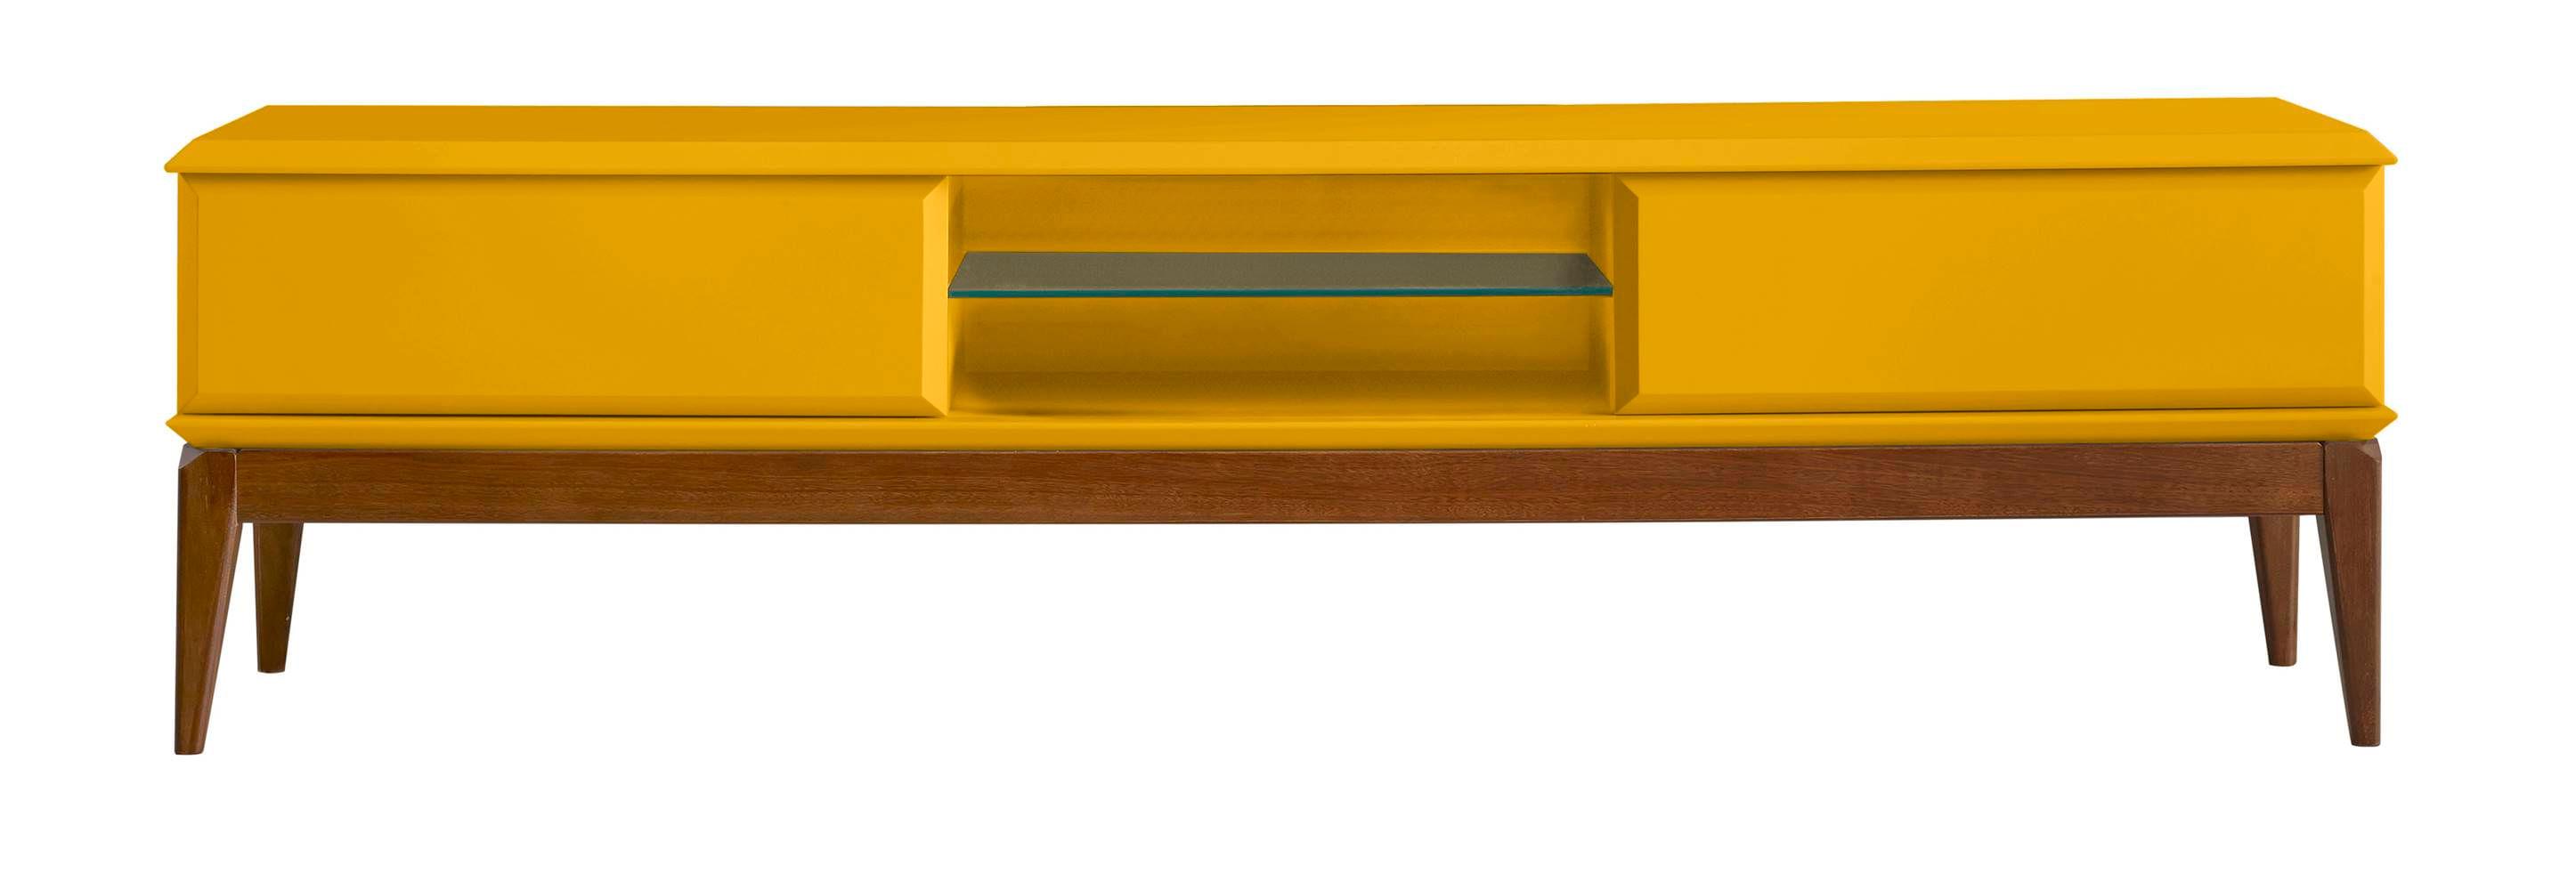 Rack Ravel 2 Gavetas Cor Cacau Com Amarelo - 27628